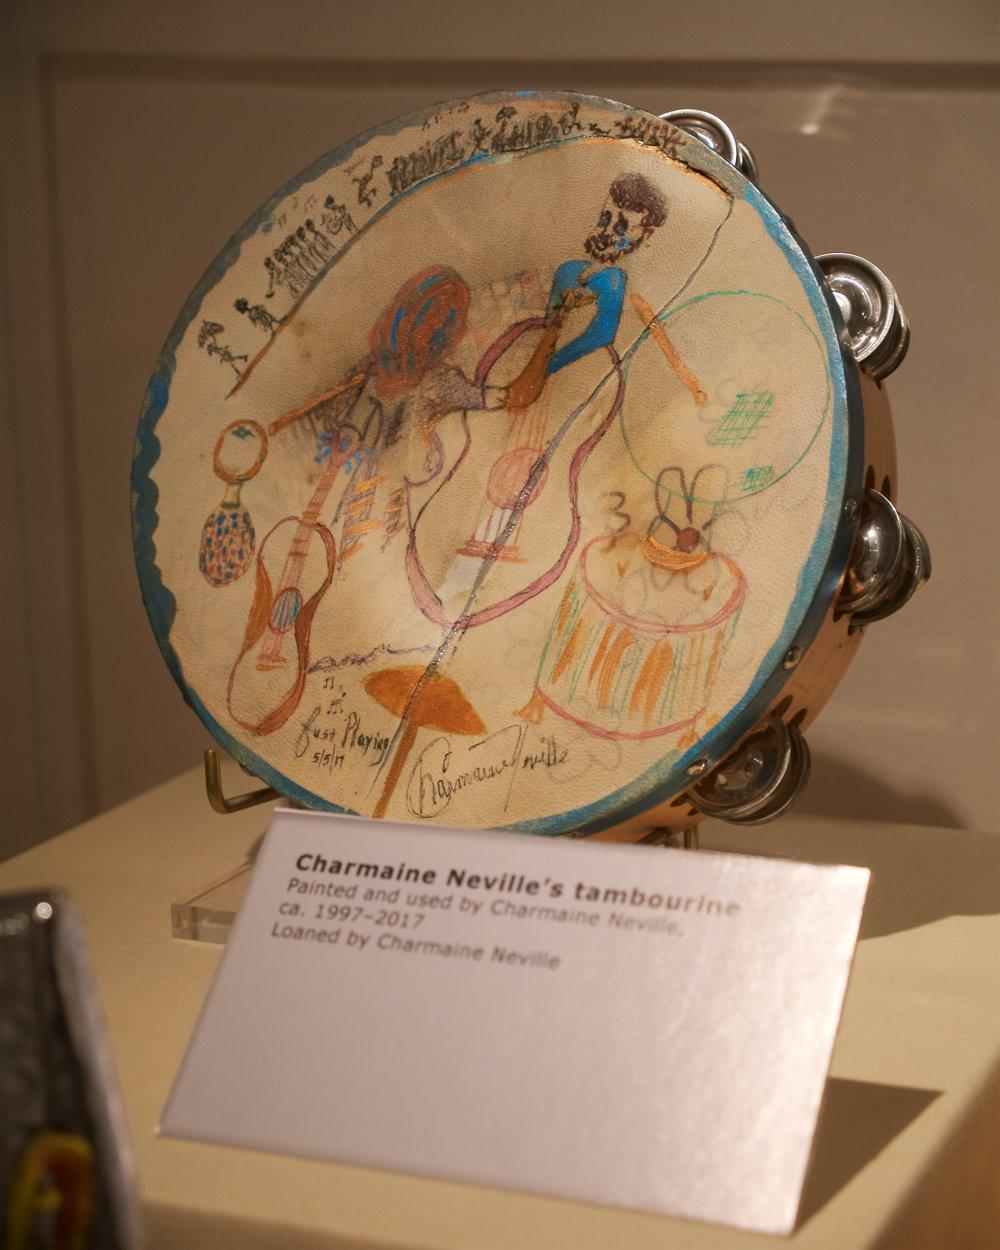 Charmaine Neville's tambourine